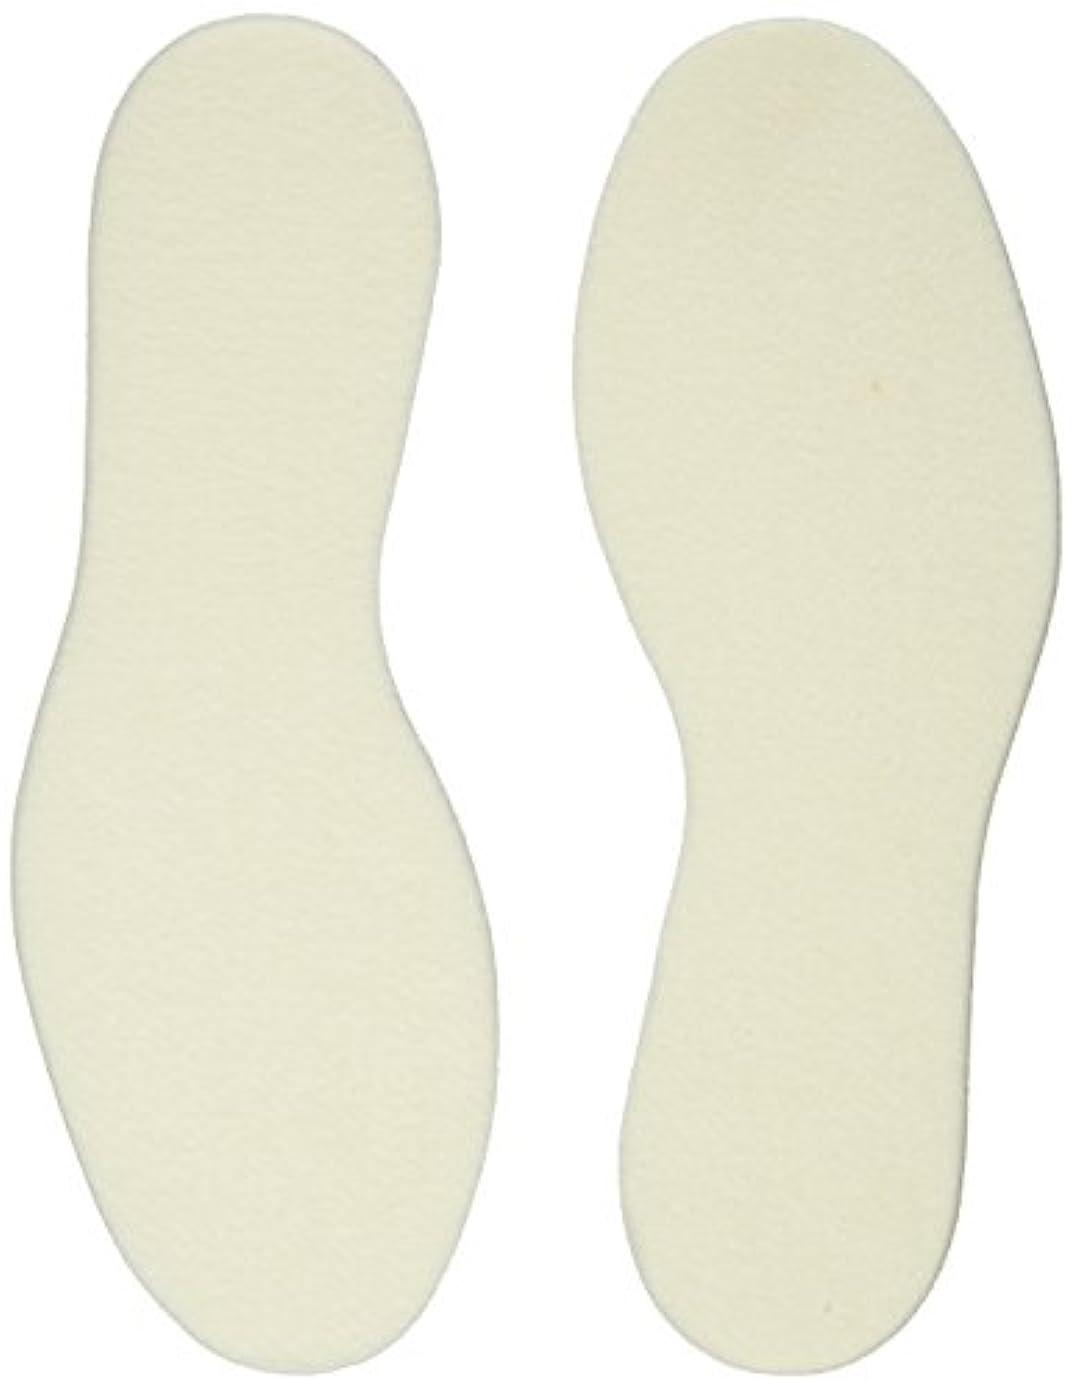 実験室好奇心ストライドコロンブス 長靴快適インソール フリーサイズ(22.0~28.0cm)